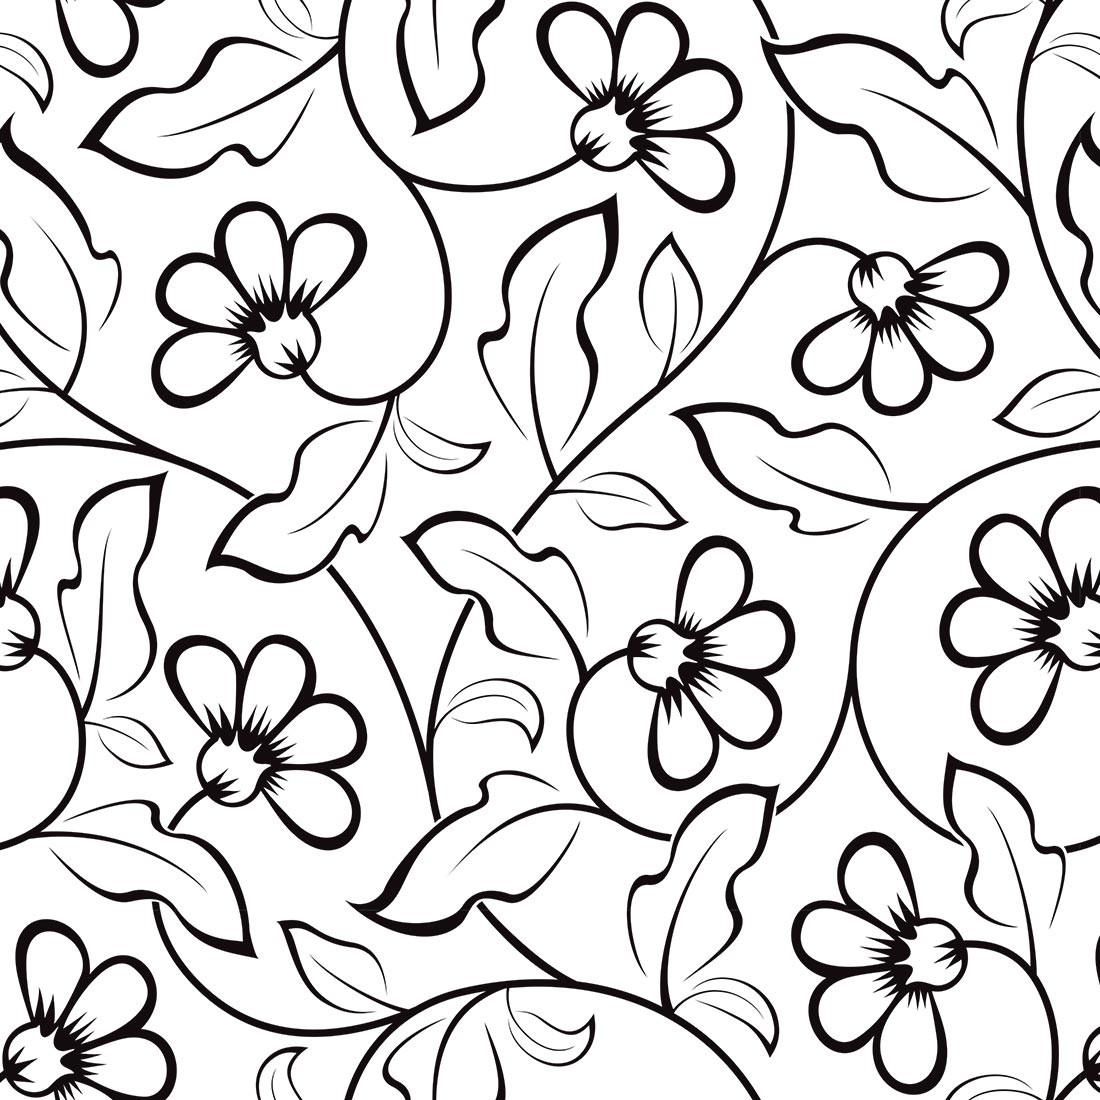 Papel De Parede Floral Folha De Carvalho Preto Fundo Branco No